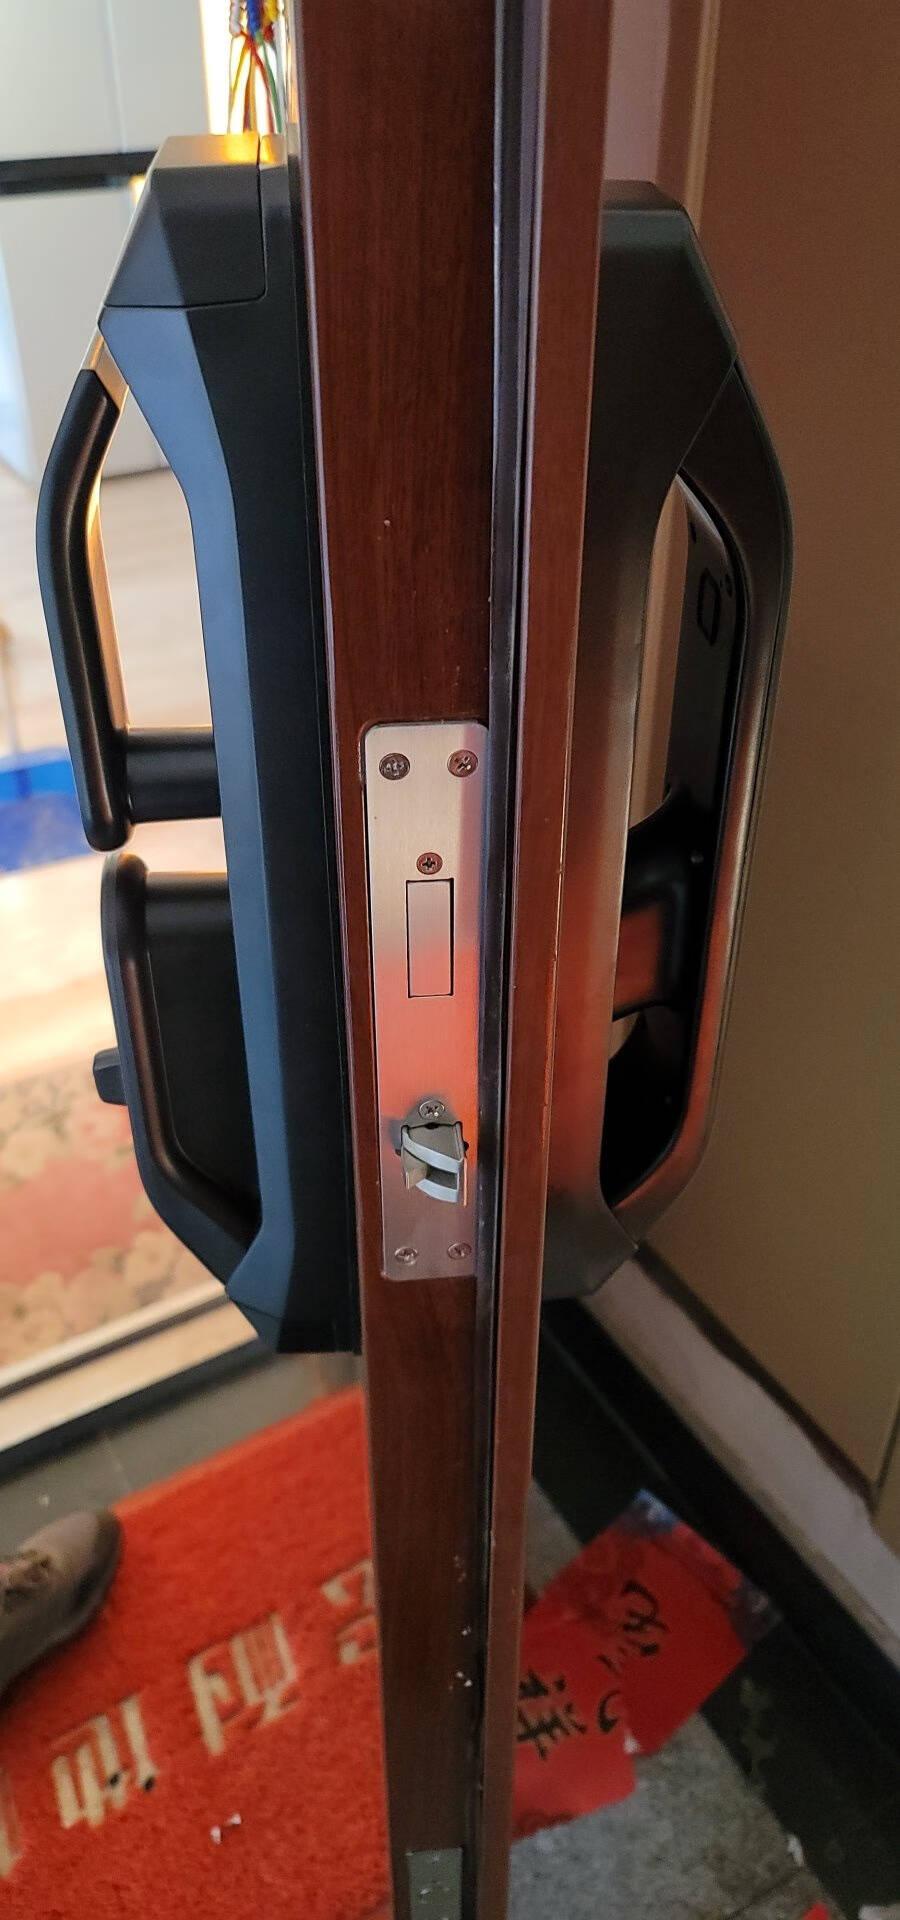 德施曼(DESSMANN)小嘀指纹锁Q3P智能锁小米米家APP联动全自动锁后隐藏式指纹头电子密码锁升级版Q3P咖啡金+全新后把手+电池升级